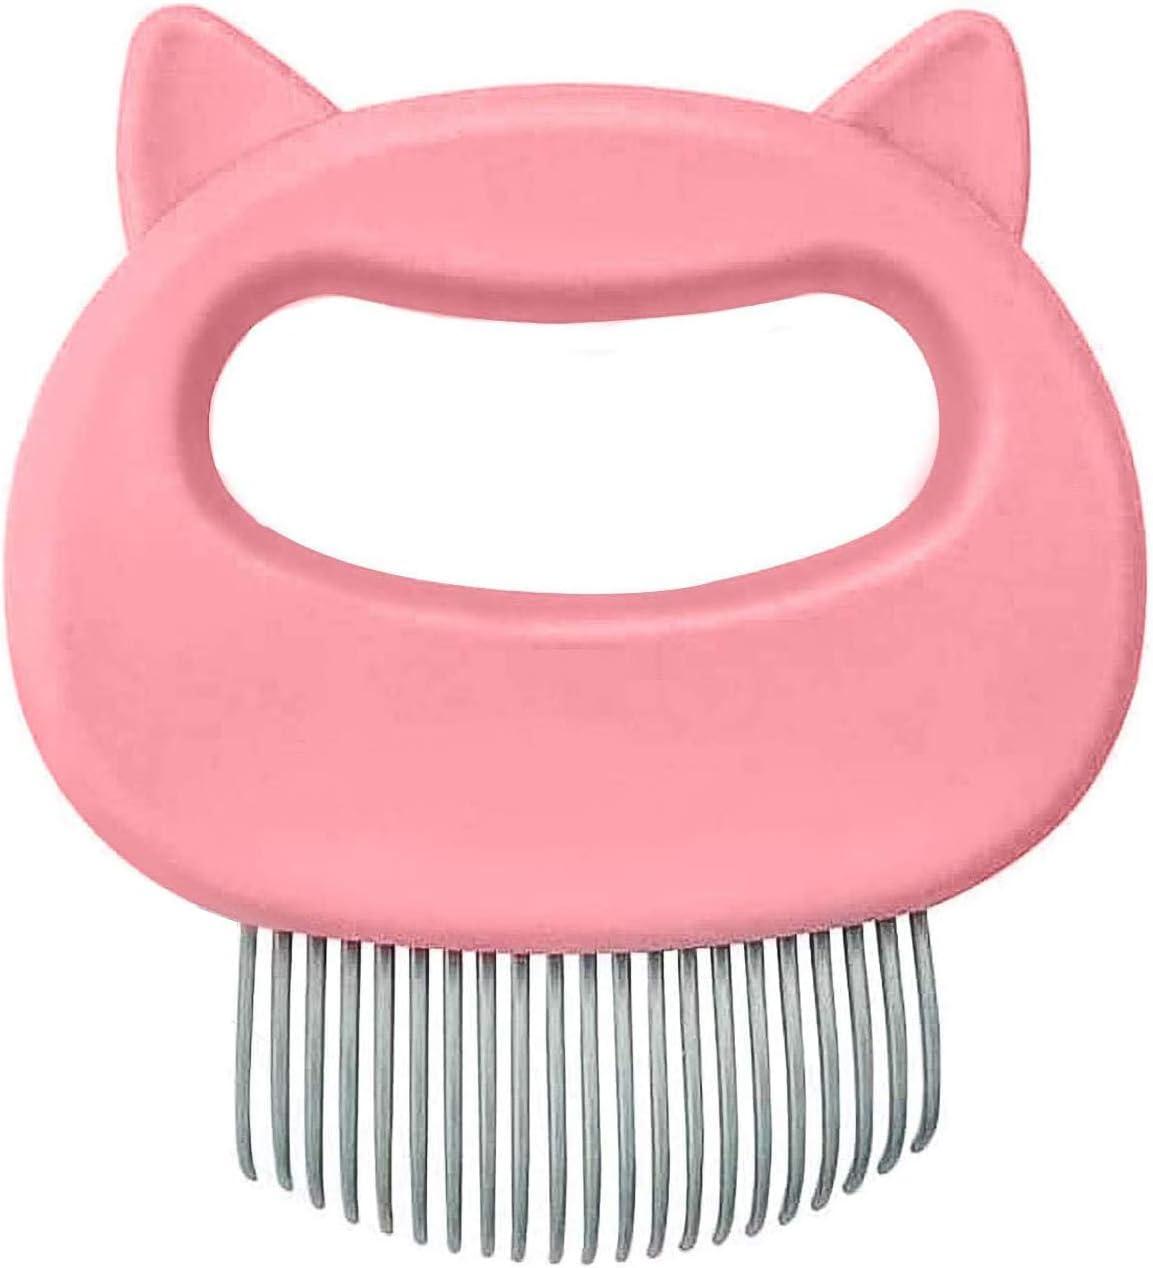 Yisscen Cepillo para gato, cepillo para gato para mascotas, peine para gatos, peine para masajes para gatos, cepillo para perros, cepillo para mascotas, peine para mascotas (Rosado)